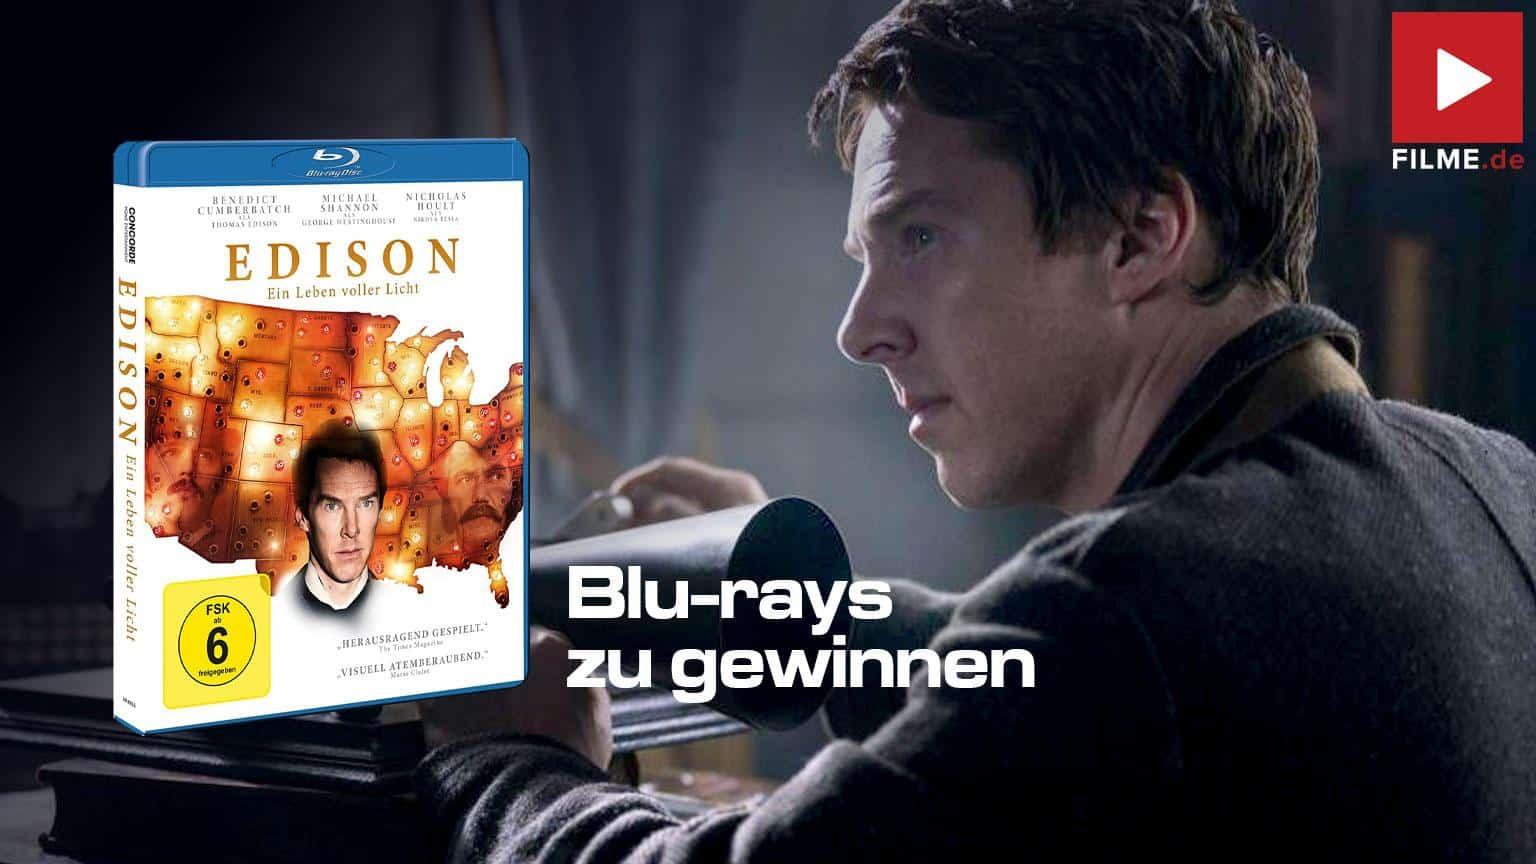 Edison - Ein Leben voller Licht Blu-ray DVD Film 2020 Shop kaufen Gewinnspiel Artikelbild